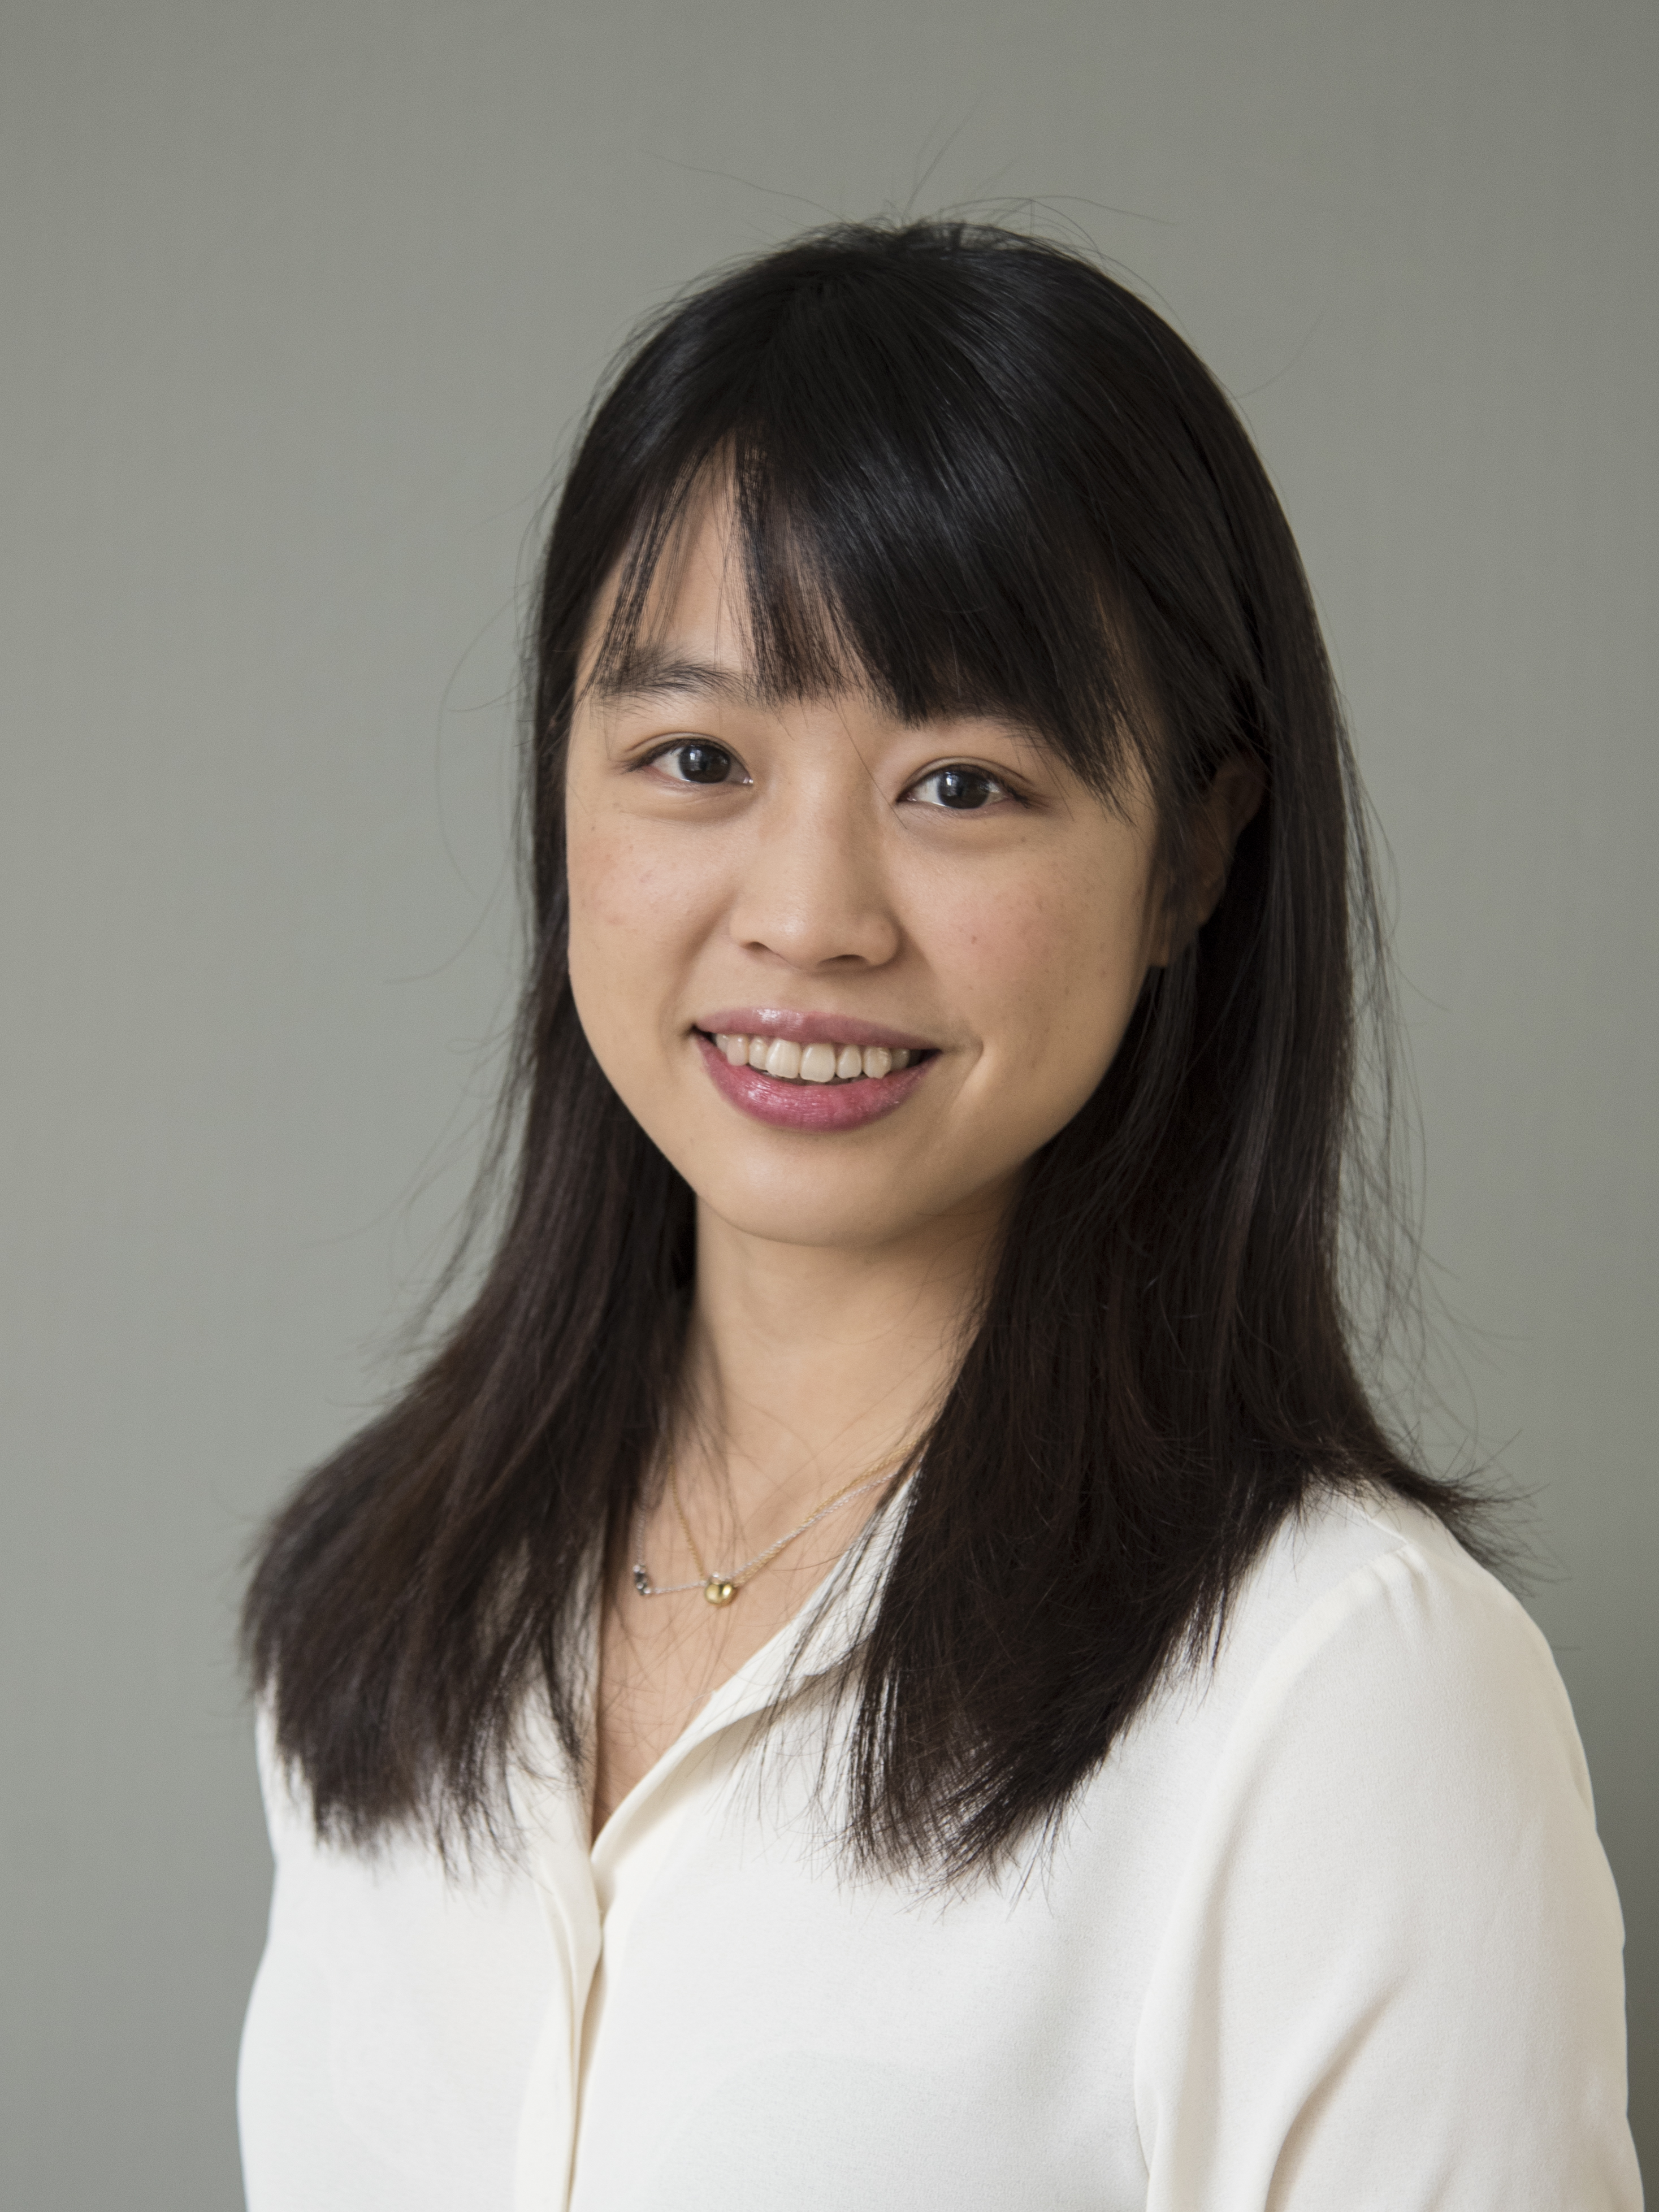 Wei Hsi (Ariel) Yeh